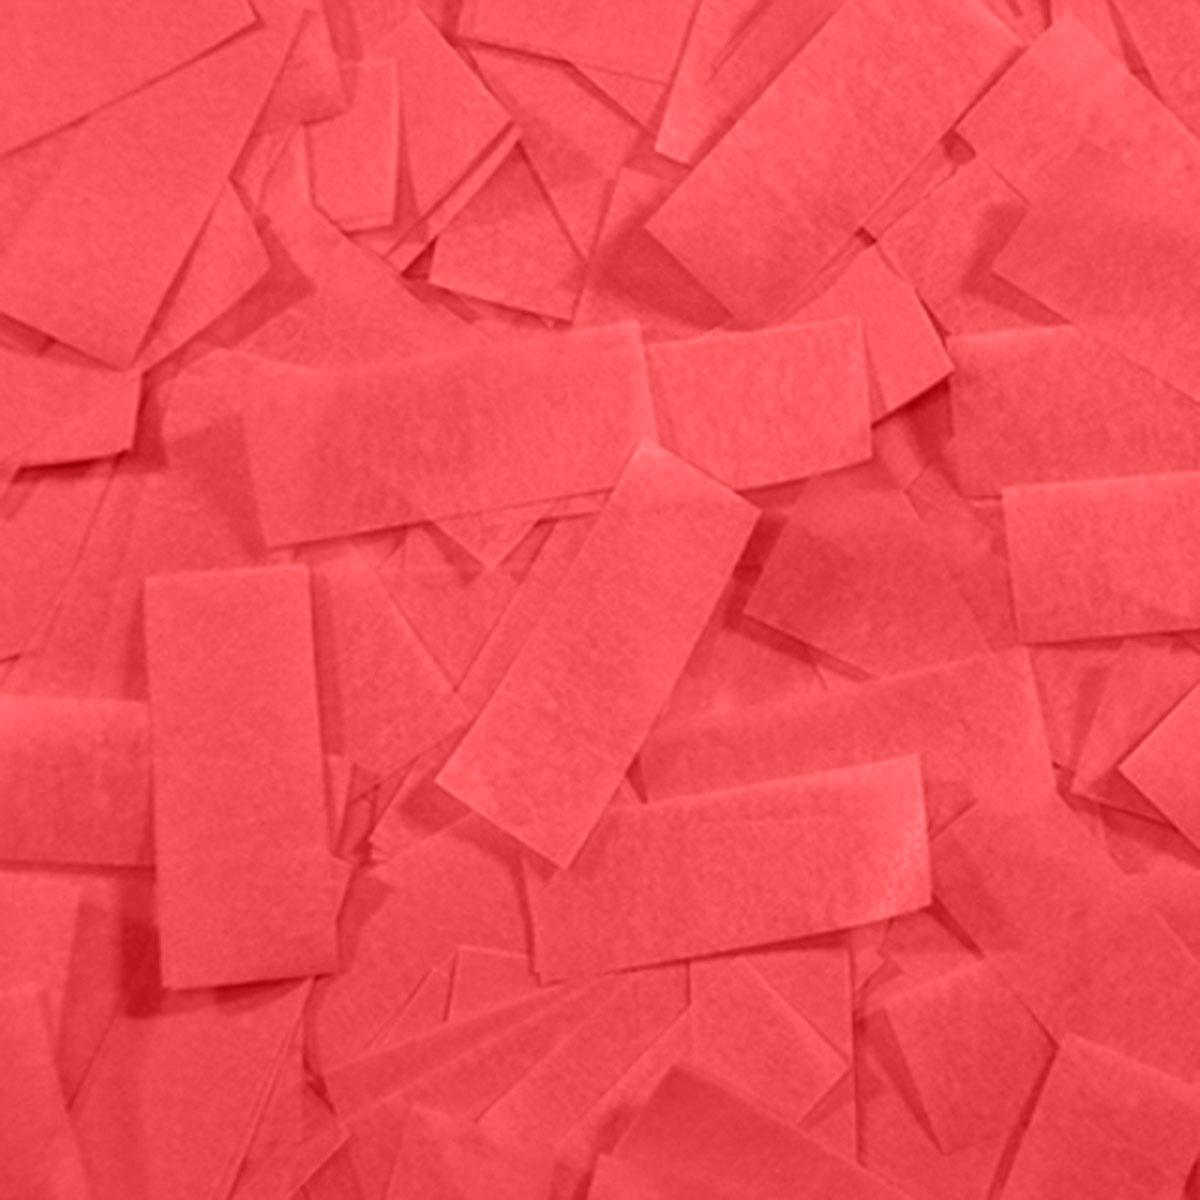 Бумага для шоу папиросная (тишью) Лайт Конфетти красная